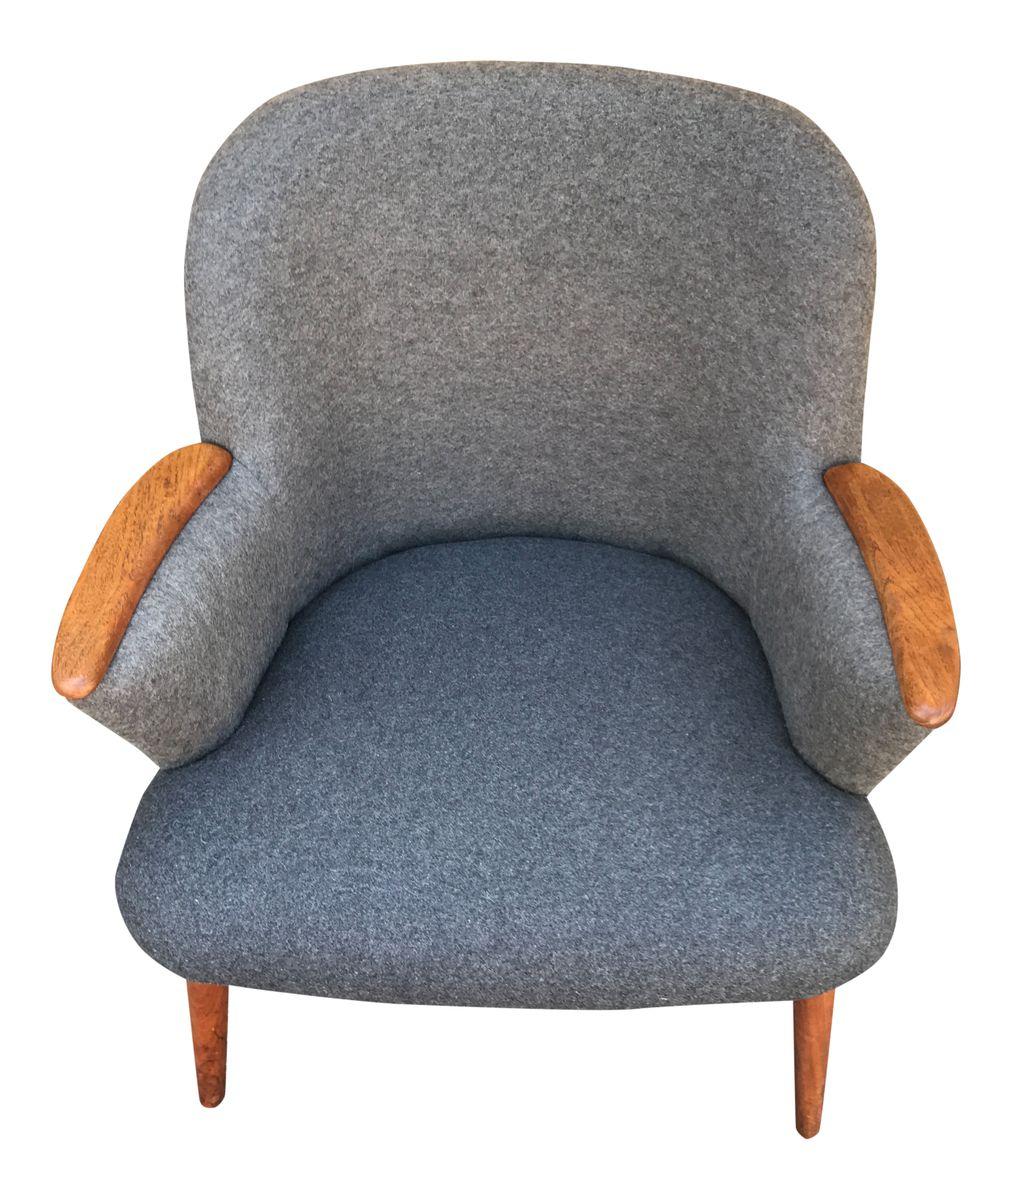 Mid-Century Sessel mit Grauem Wollbezug von Ølholm Møbler